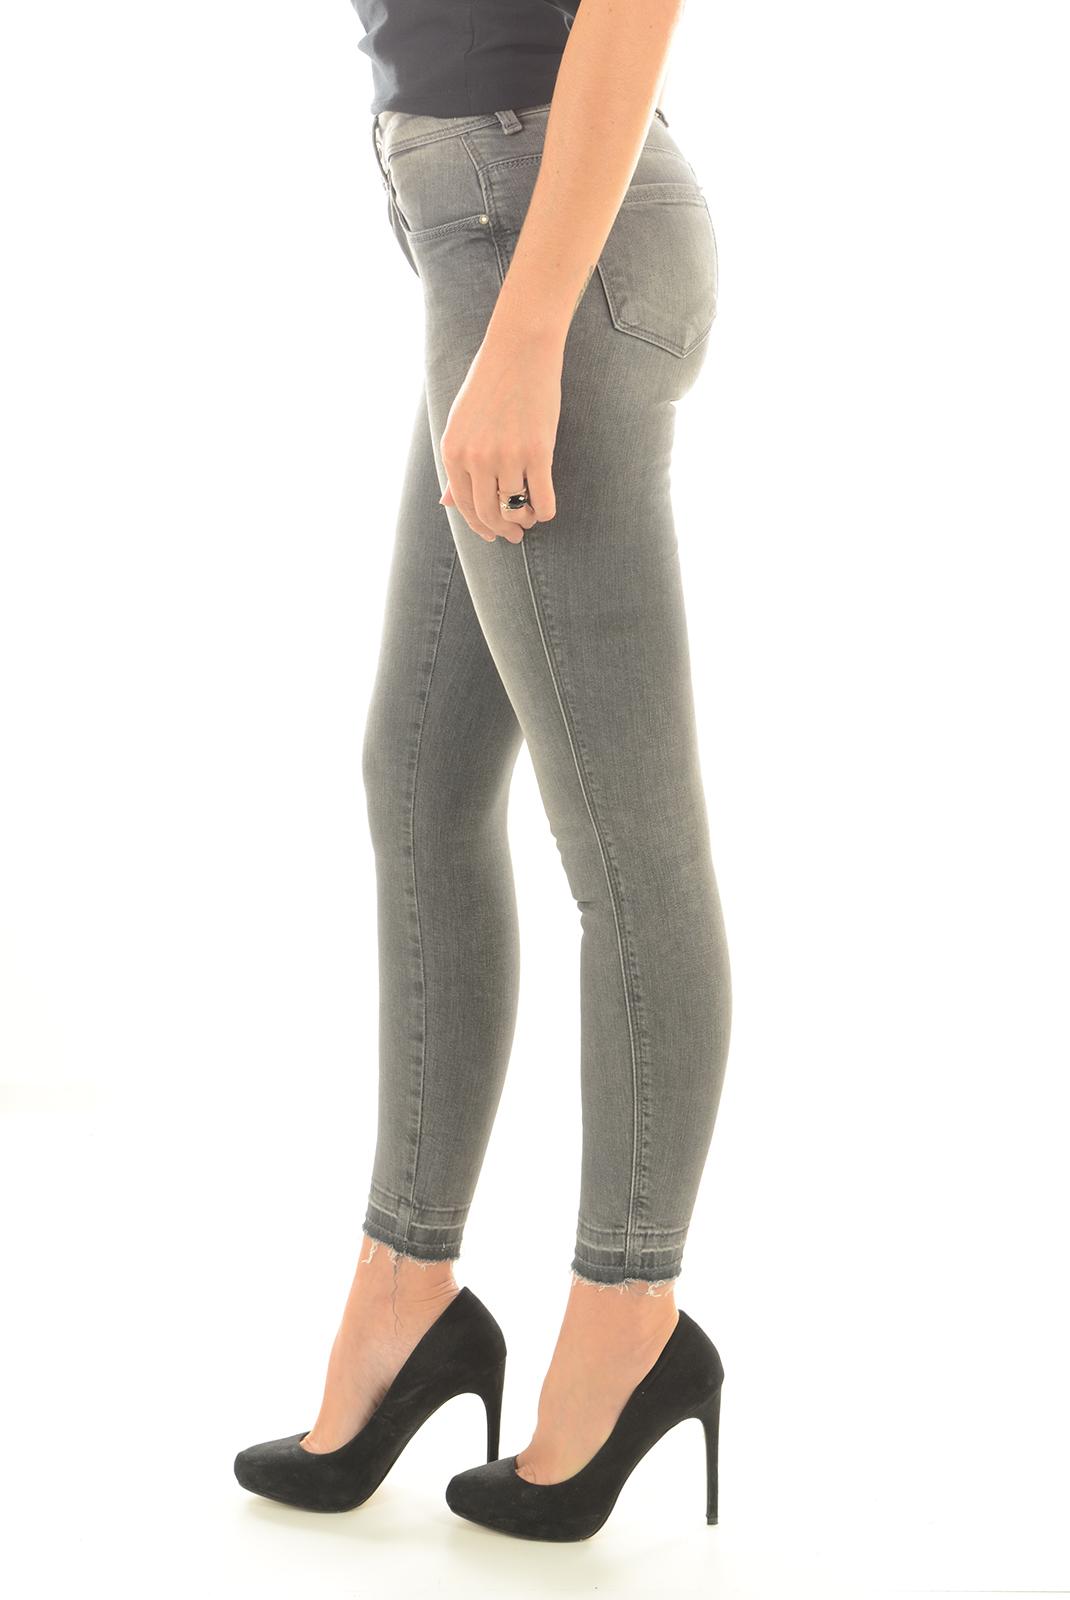 Jeans   Only CARMEN REG GRIS